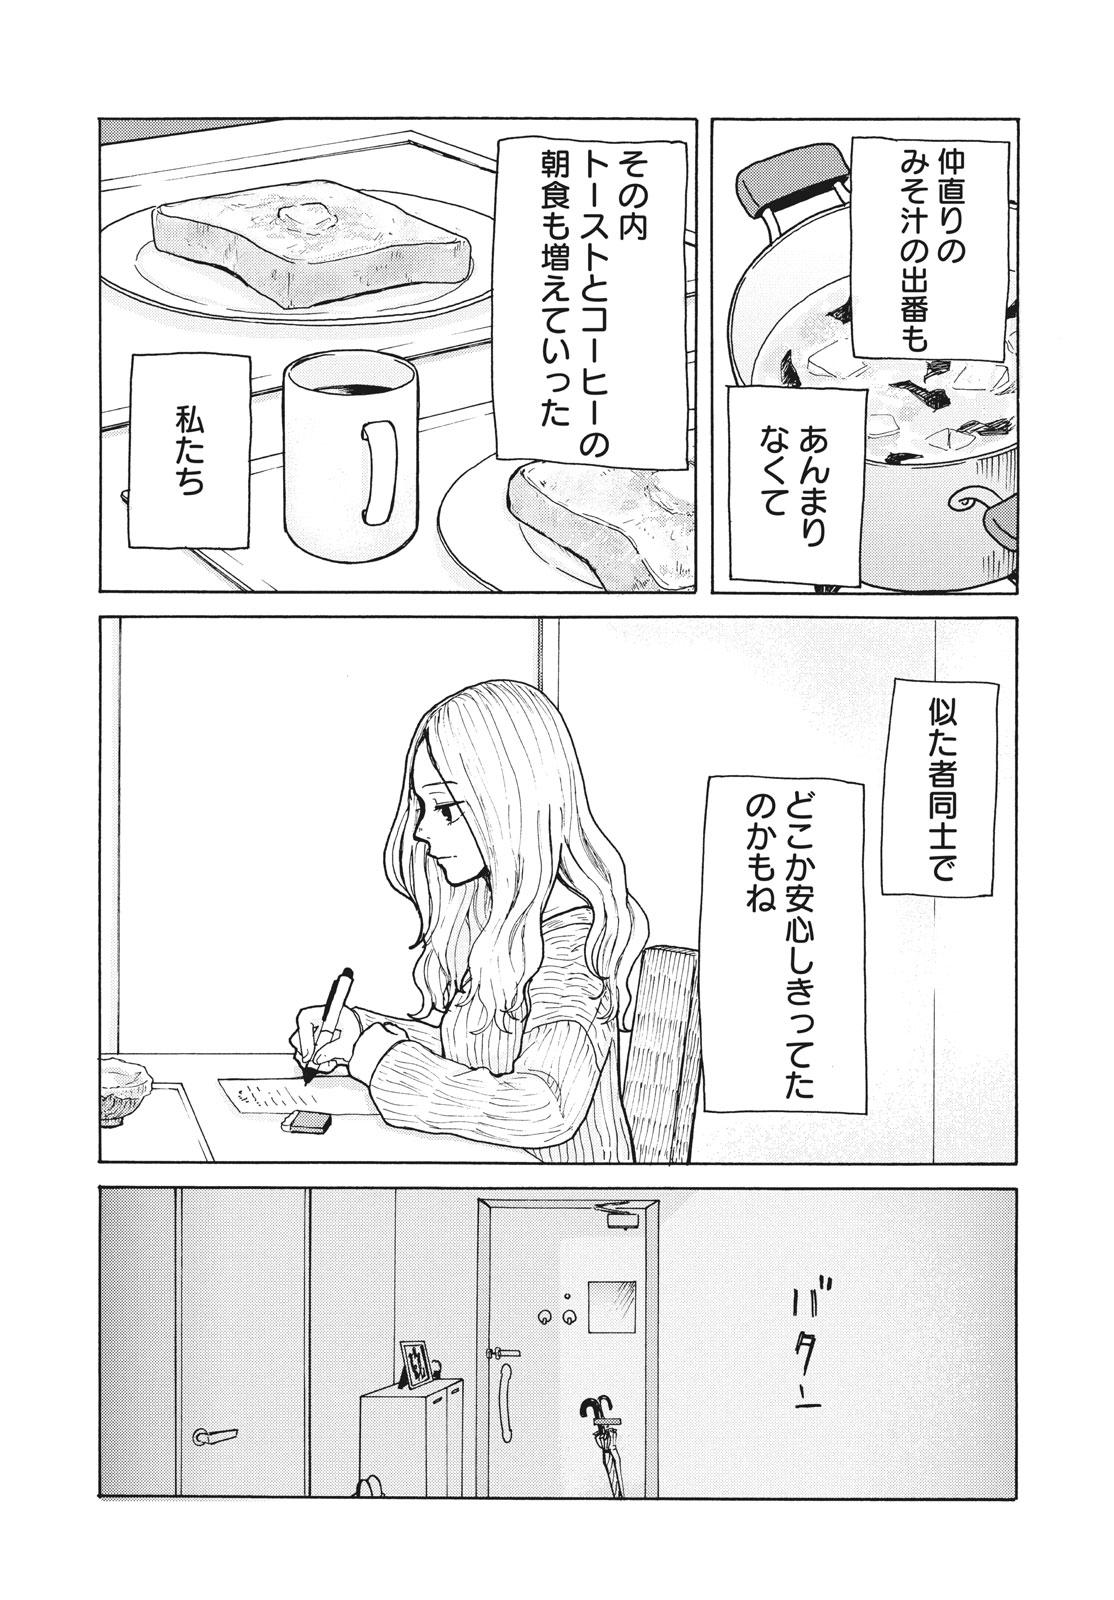 009_30日_2020_007_E.jpg